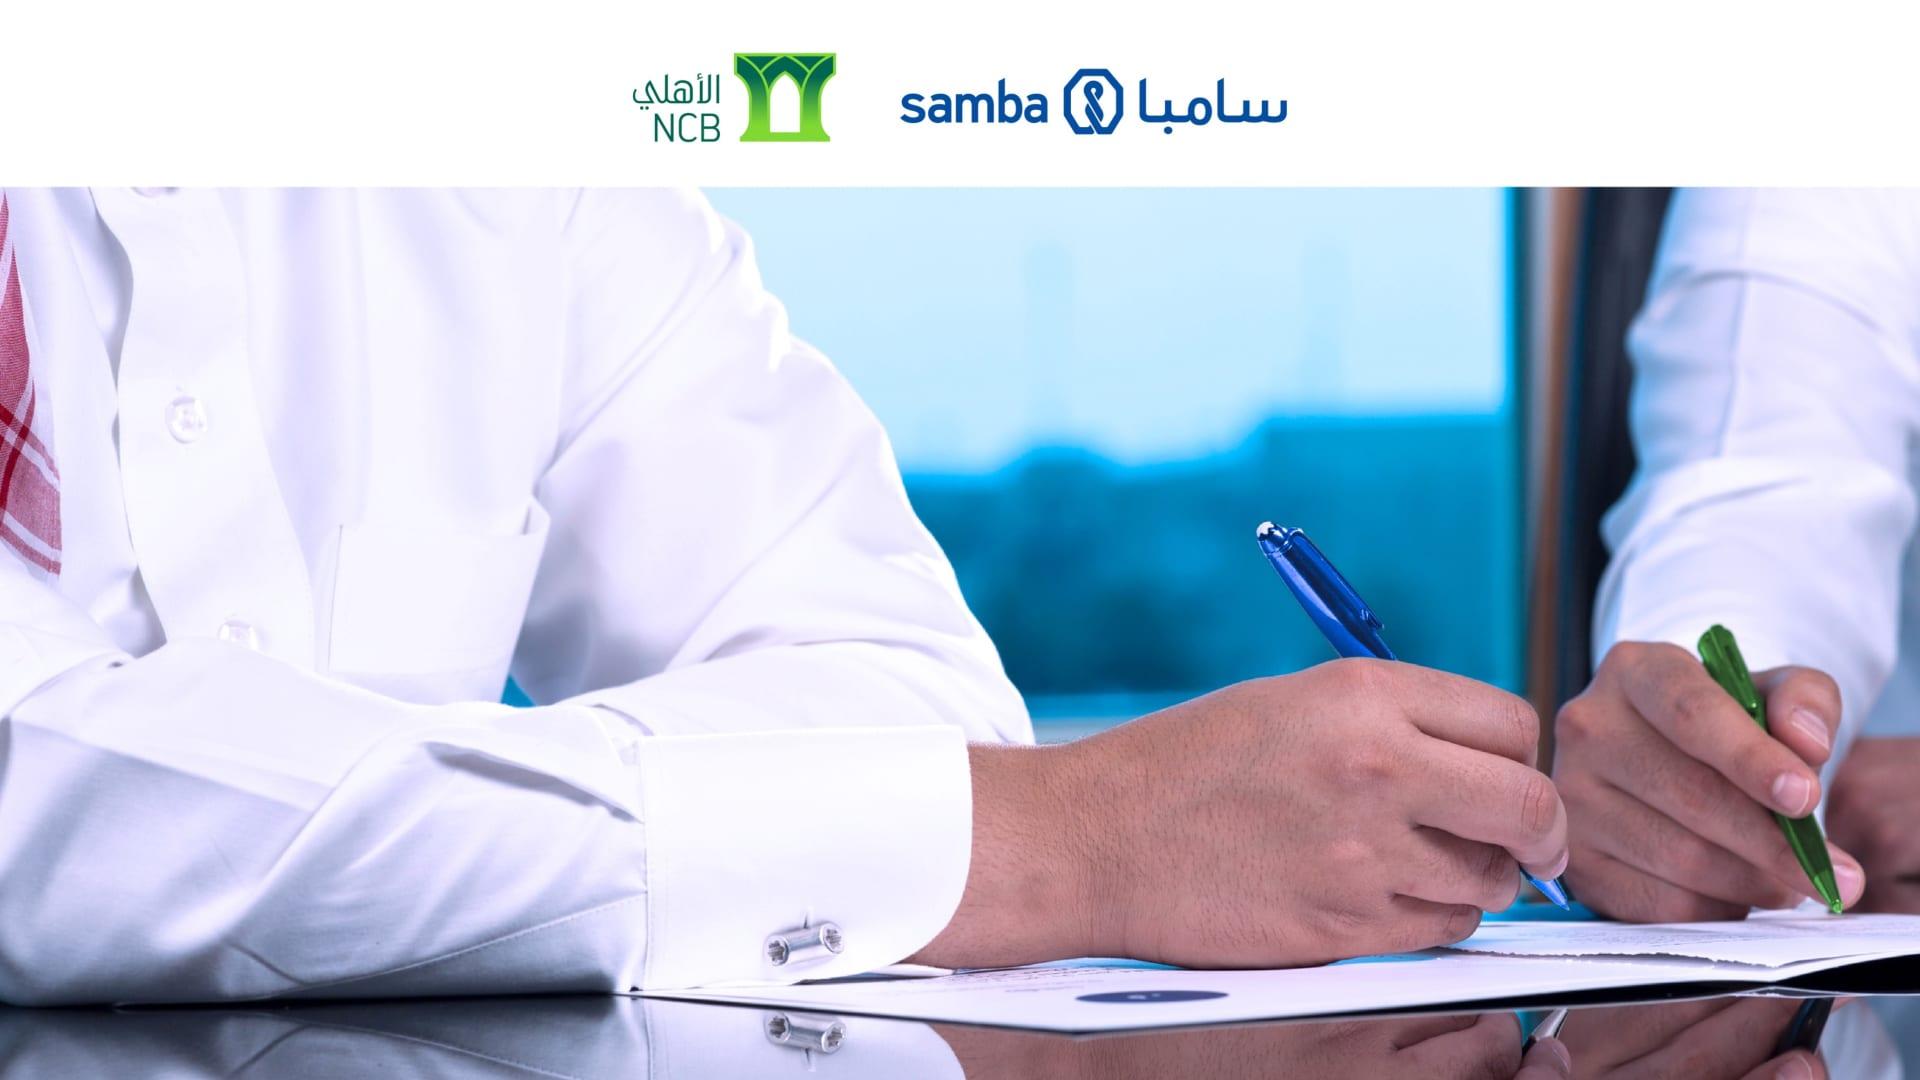 شركة سعودية ناشئة تطمح لتجديد البنية التحتية للتقنية المالية.. هذا ما ستفعله